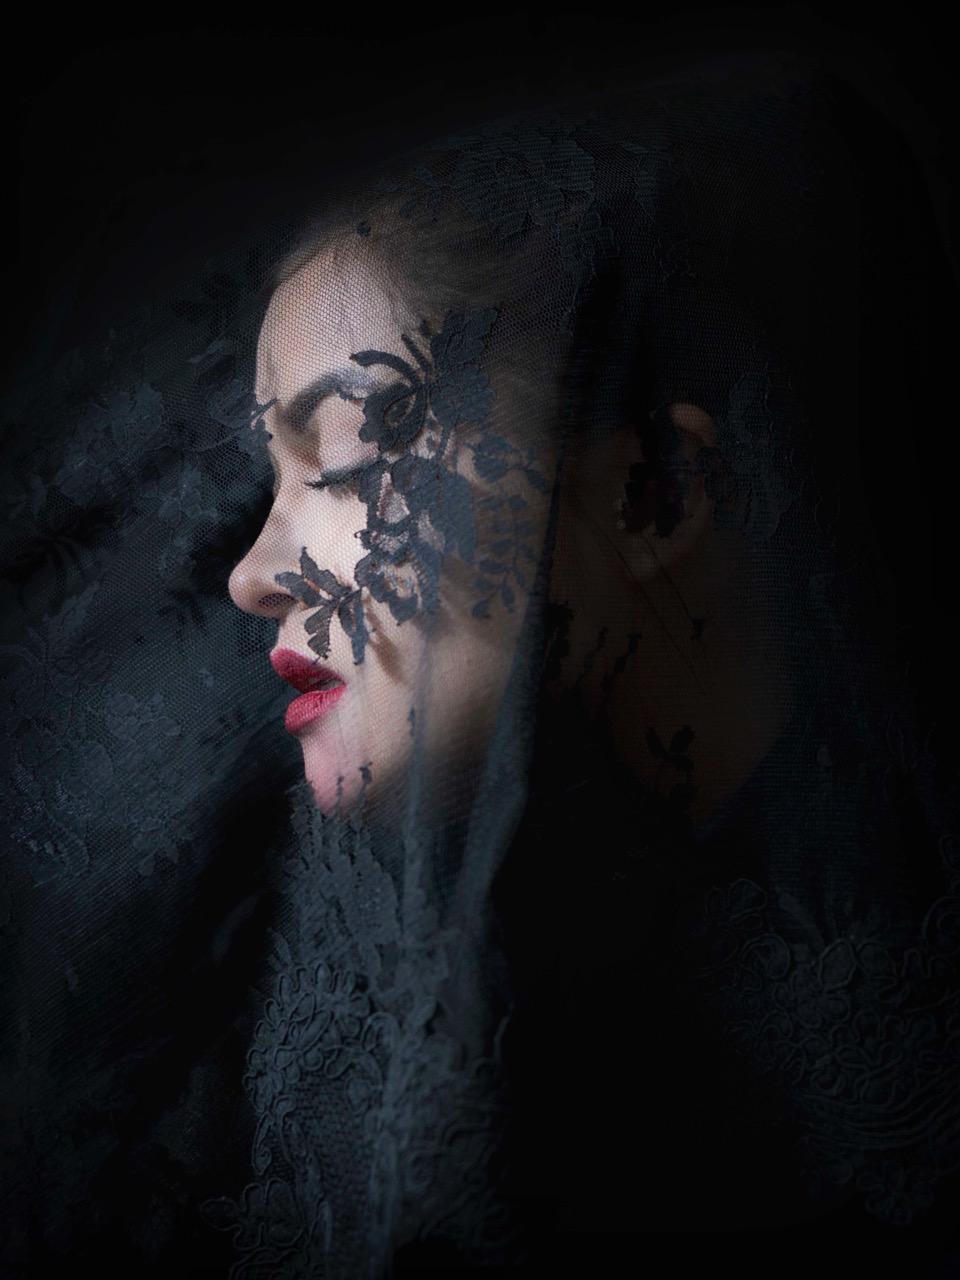 © Sanna Sjöswärd   Titel: Ghost Diva Plats/Datum: Stockholm 2016 Bildmått: 41x59 cm Teknik: Arkivbeständig pigmentbläckutskrift  Svart träram med distans ca 50x70 cm Upplaga: 10 Signerad: Ja  Pris: SEK 19 000 (oinramad bild 17 500:-)